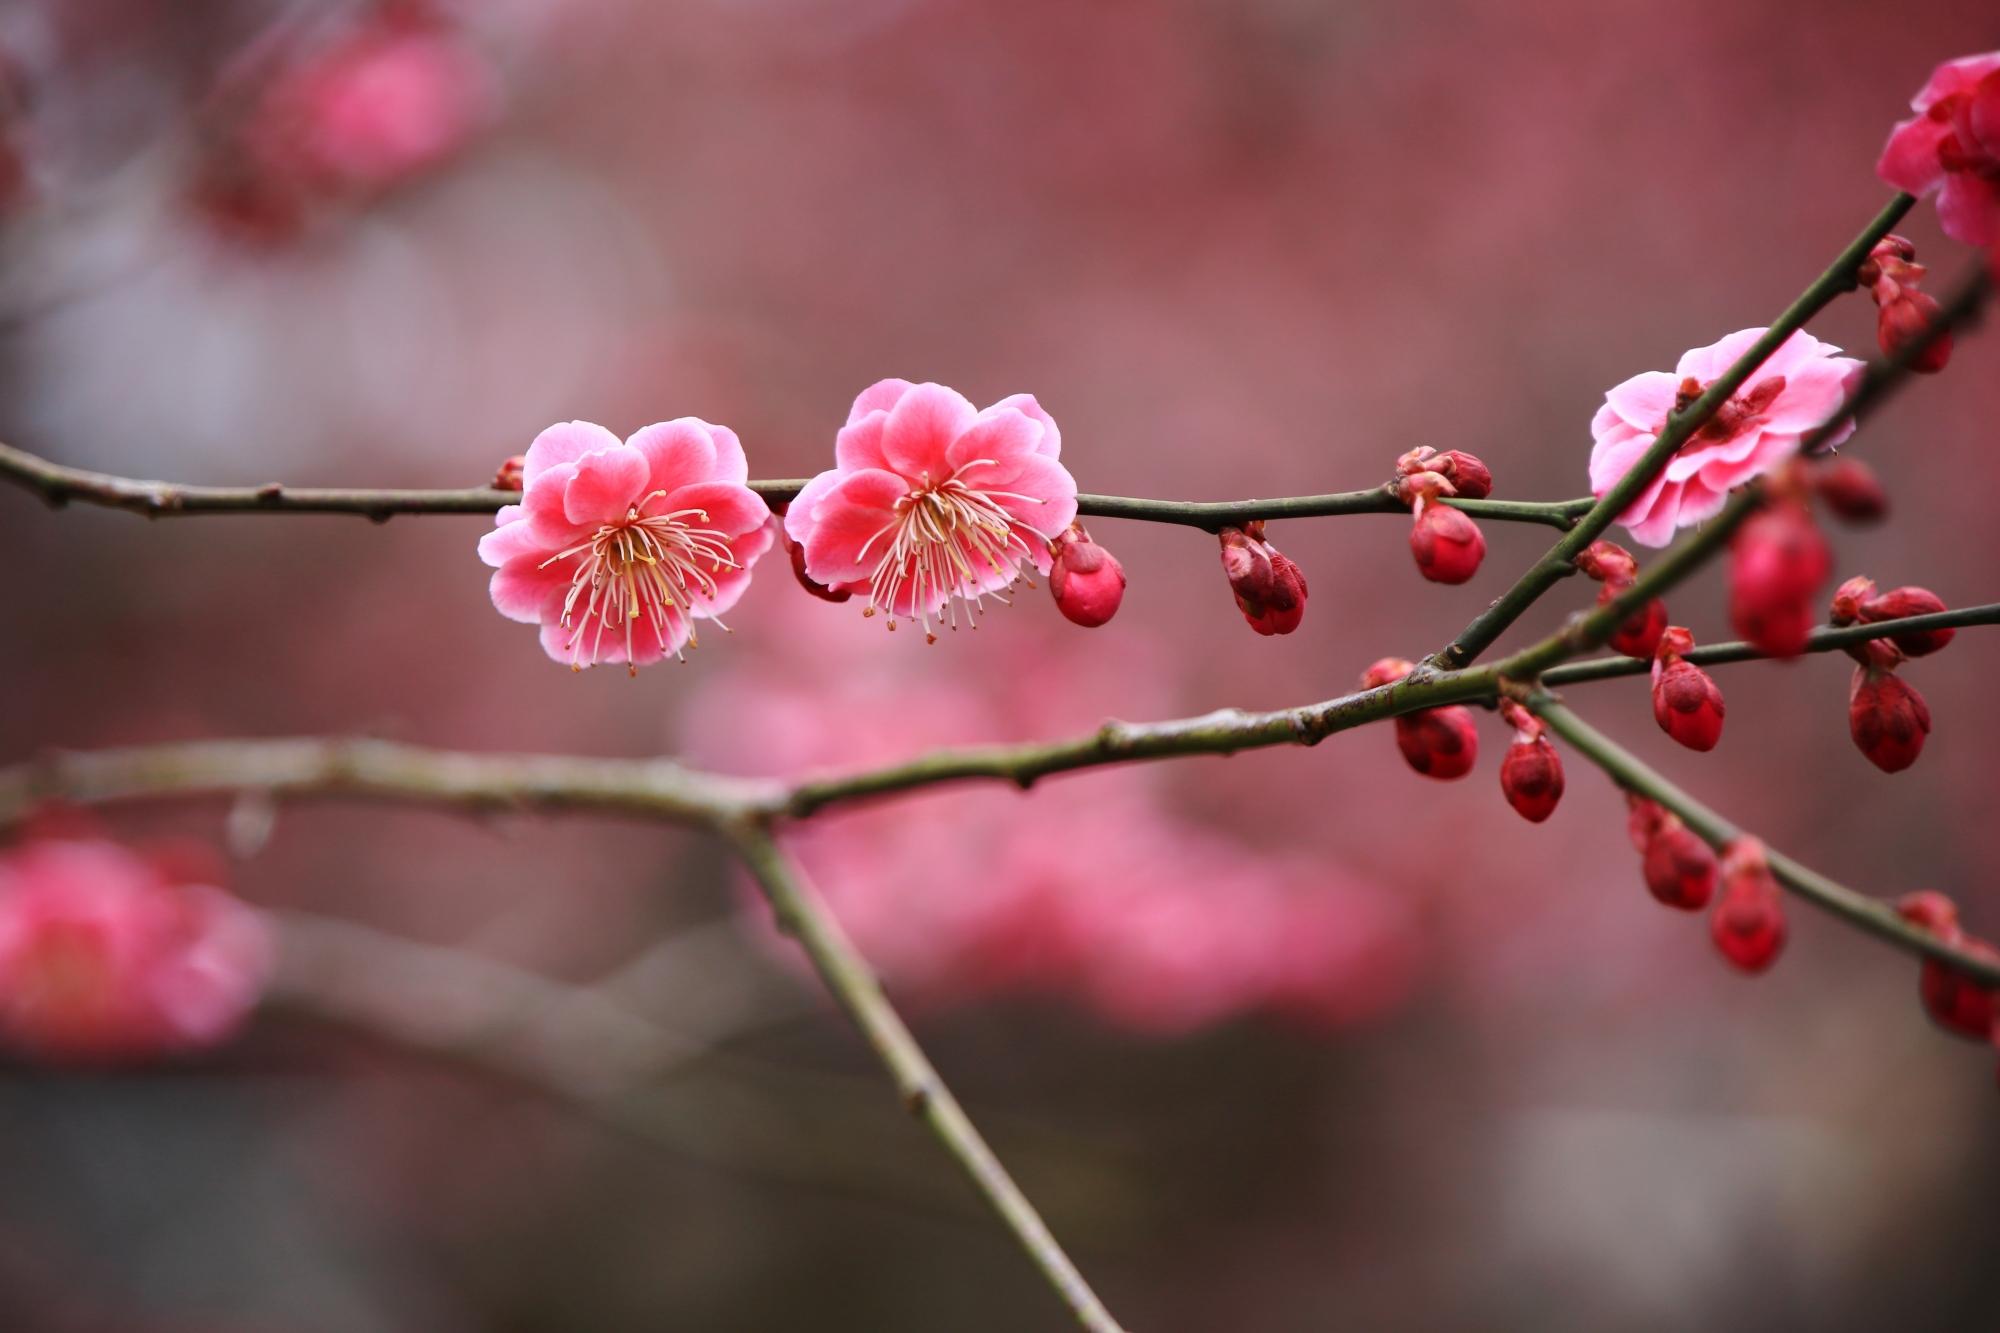 ピンクの可愛らしい梅